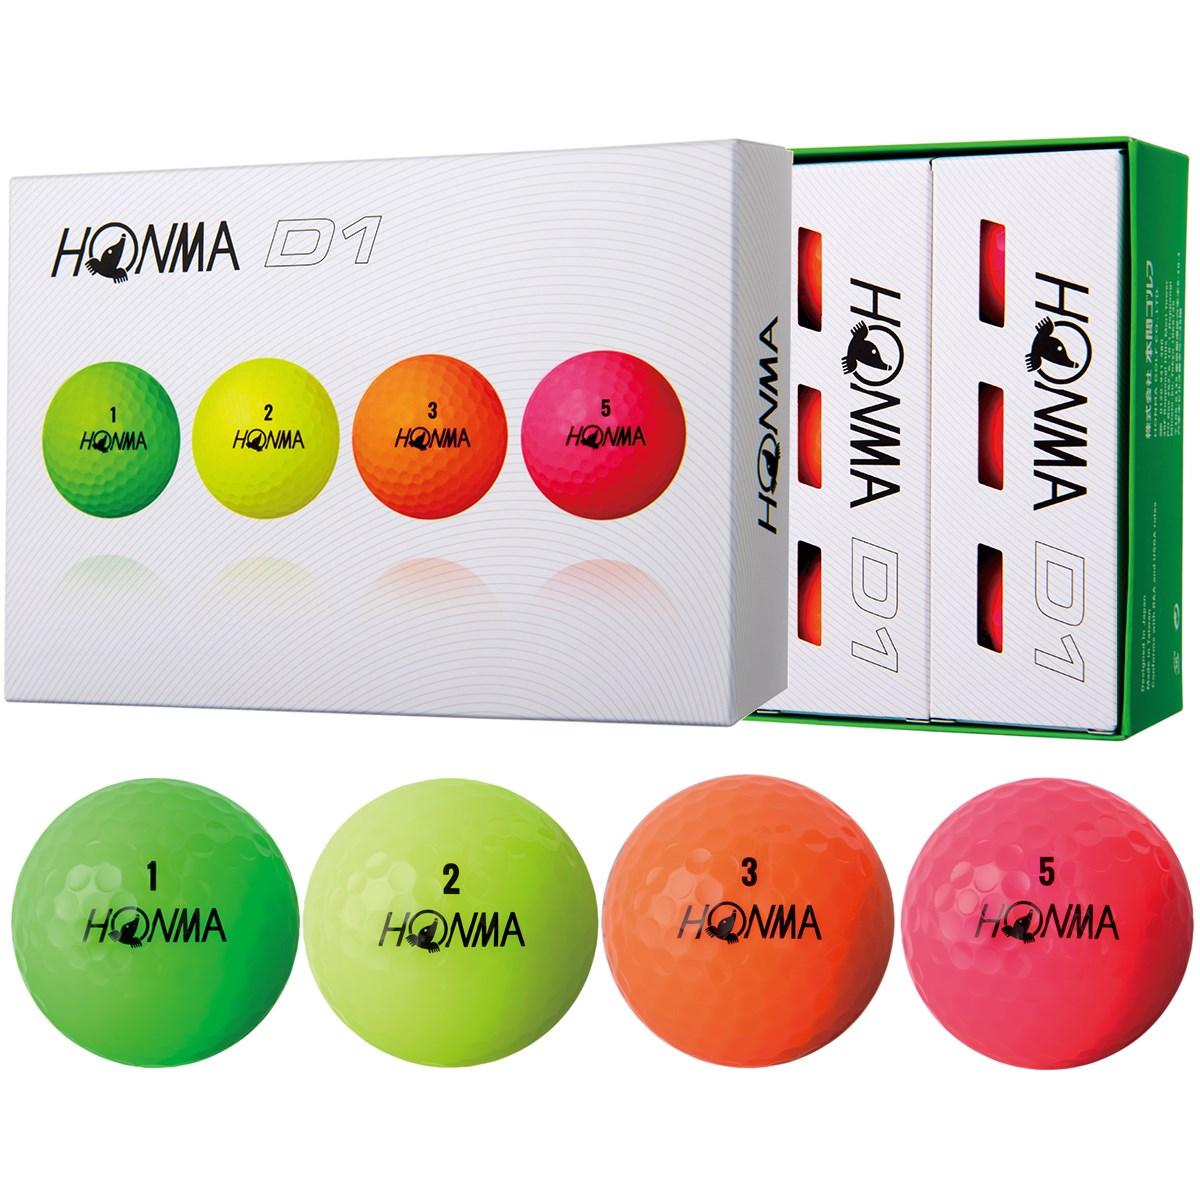 本間ゴルフ HONMA D1 ボール 2018年モデル 50ダースセット 50ダース(600個入り) マルチ